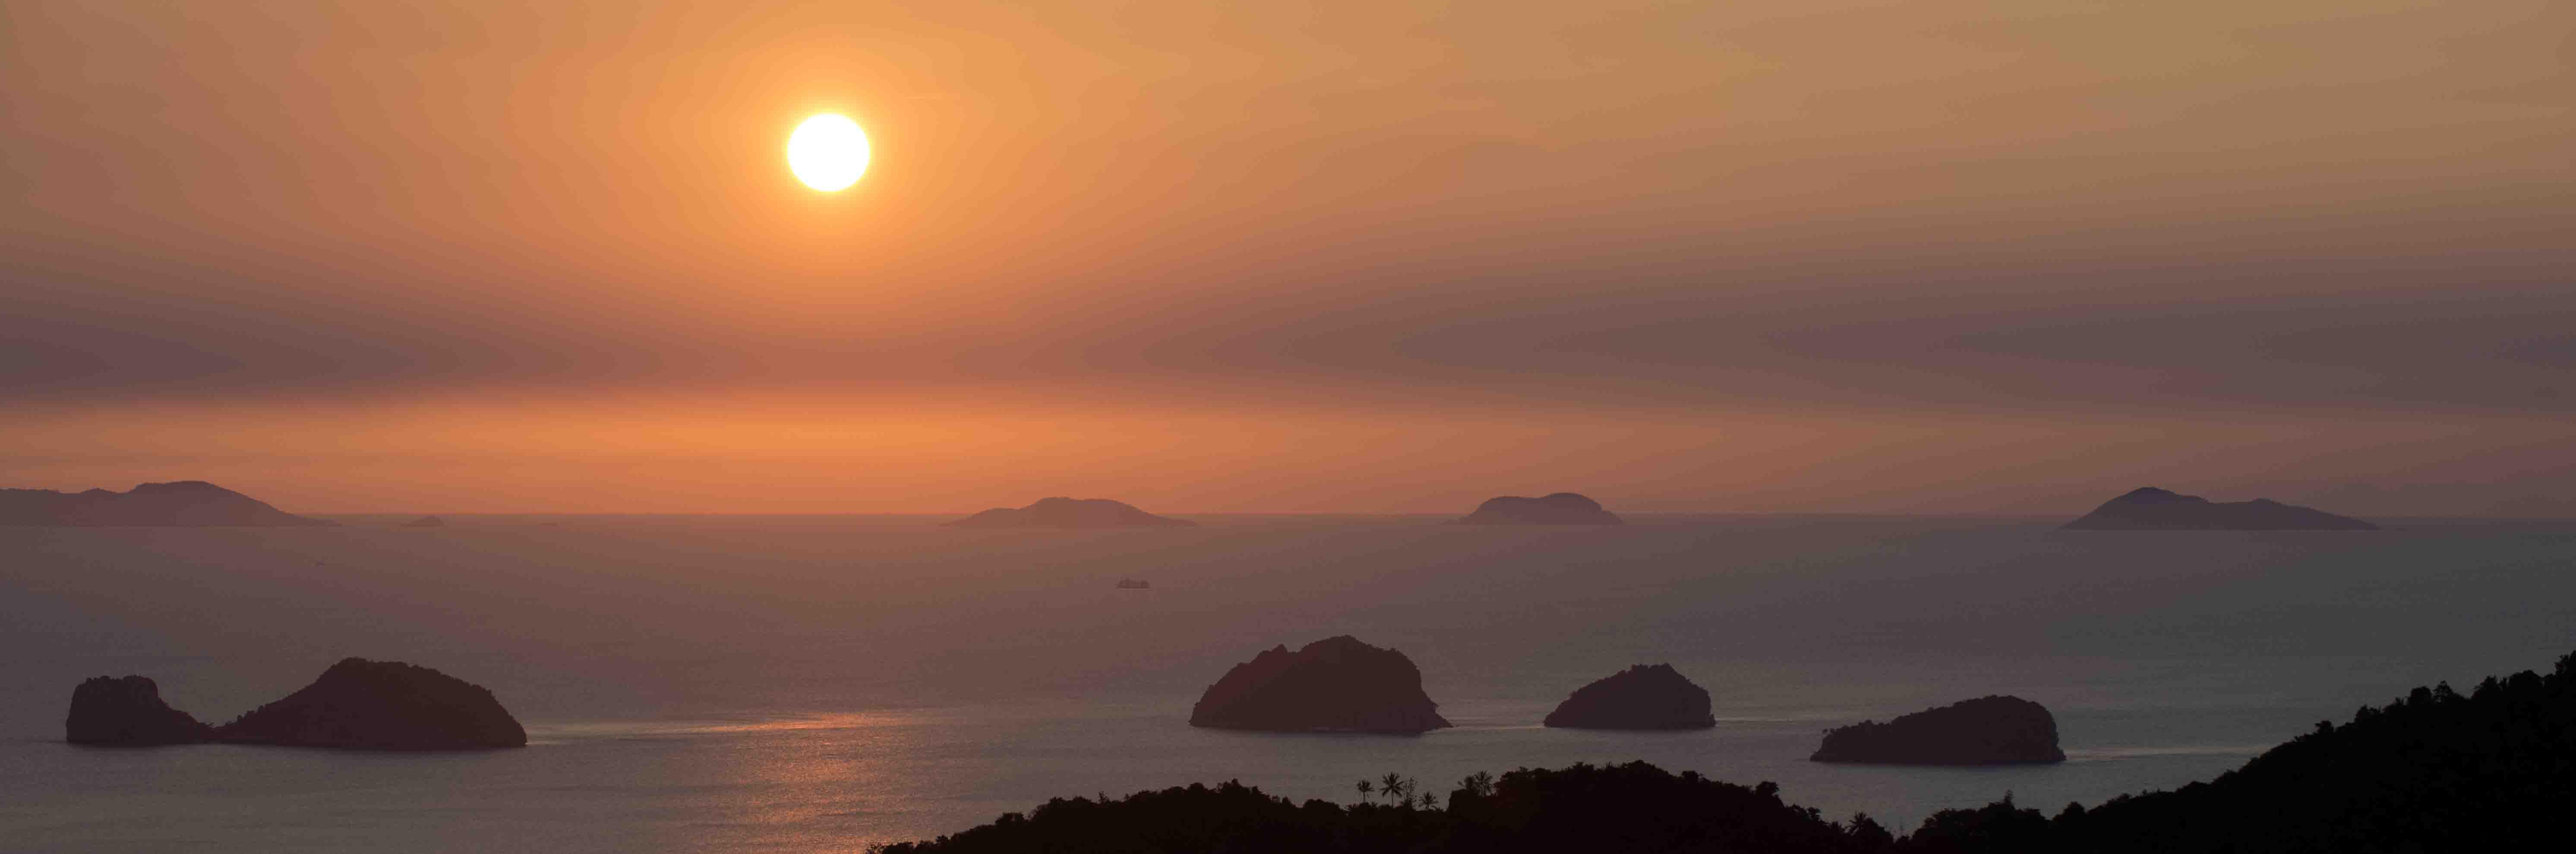 Coucher de soleil depuis Koh Samui